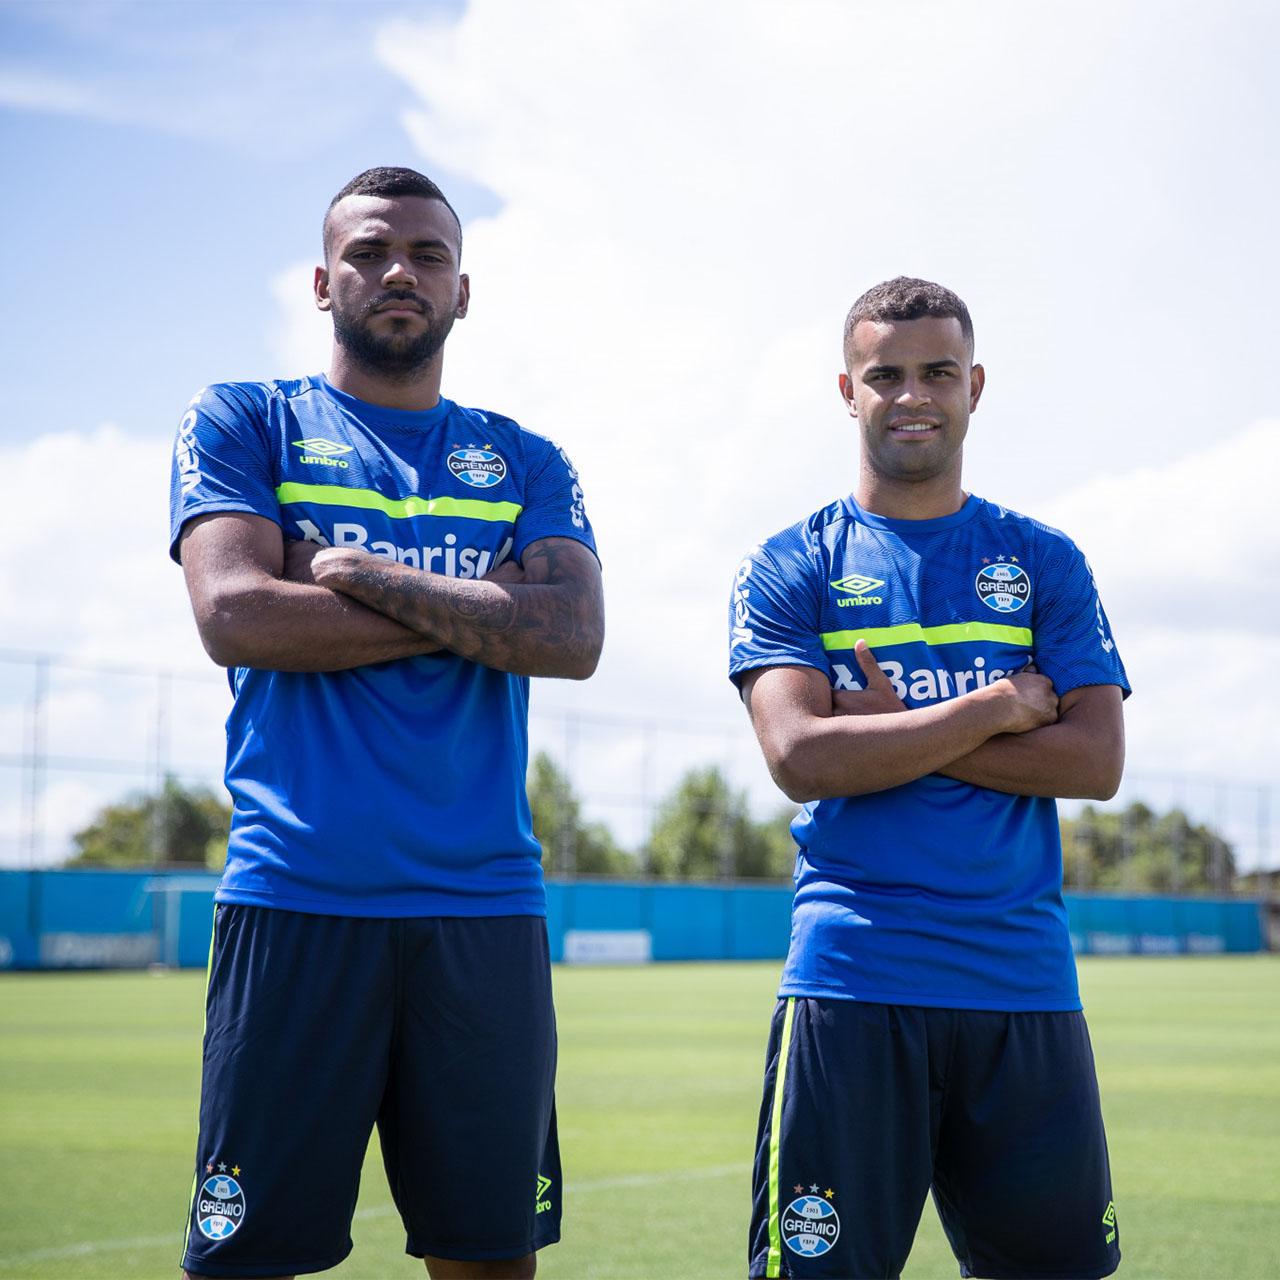 Linha de treino e viagem do Grêmio 2021 Umbro